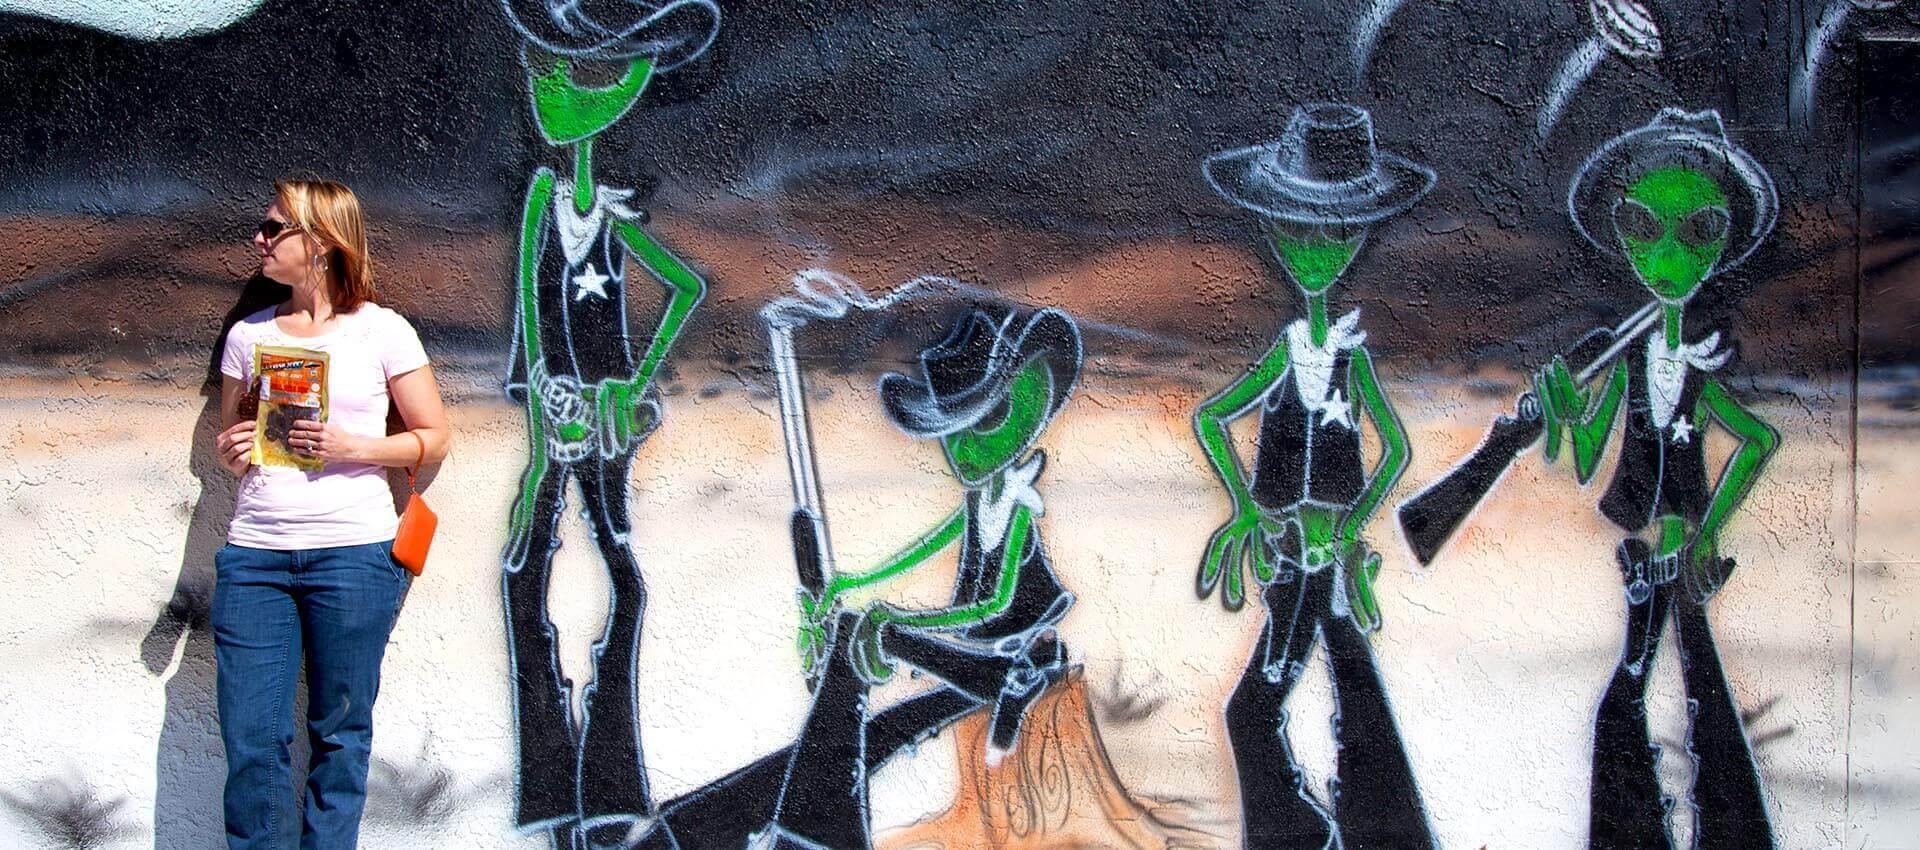 Extraterrestrial Highway, Extraterrestrial Life, Extraterrestrial Sightings, Extraterrestrial contact